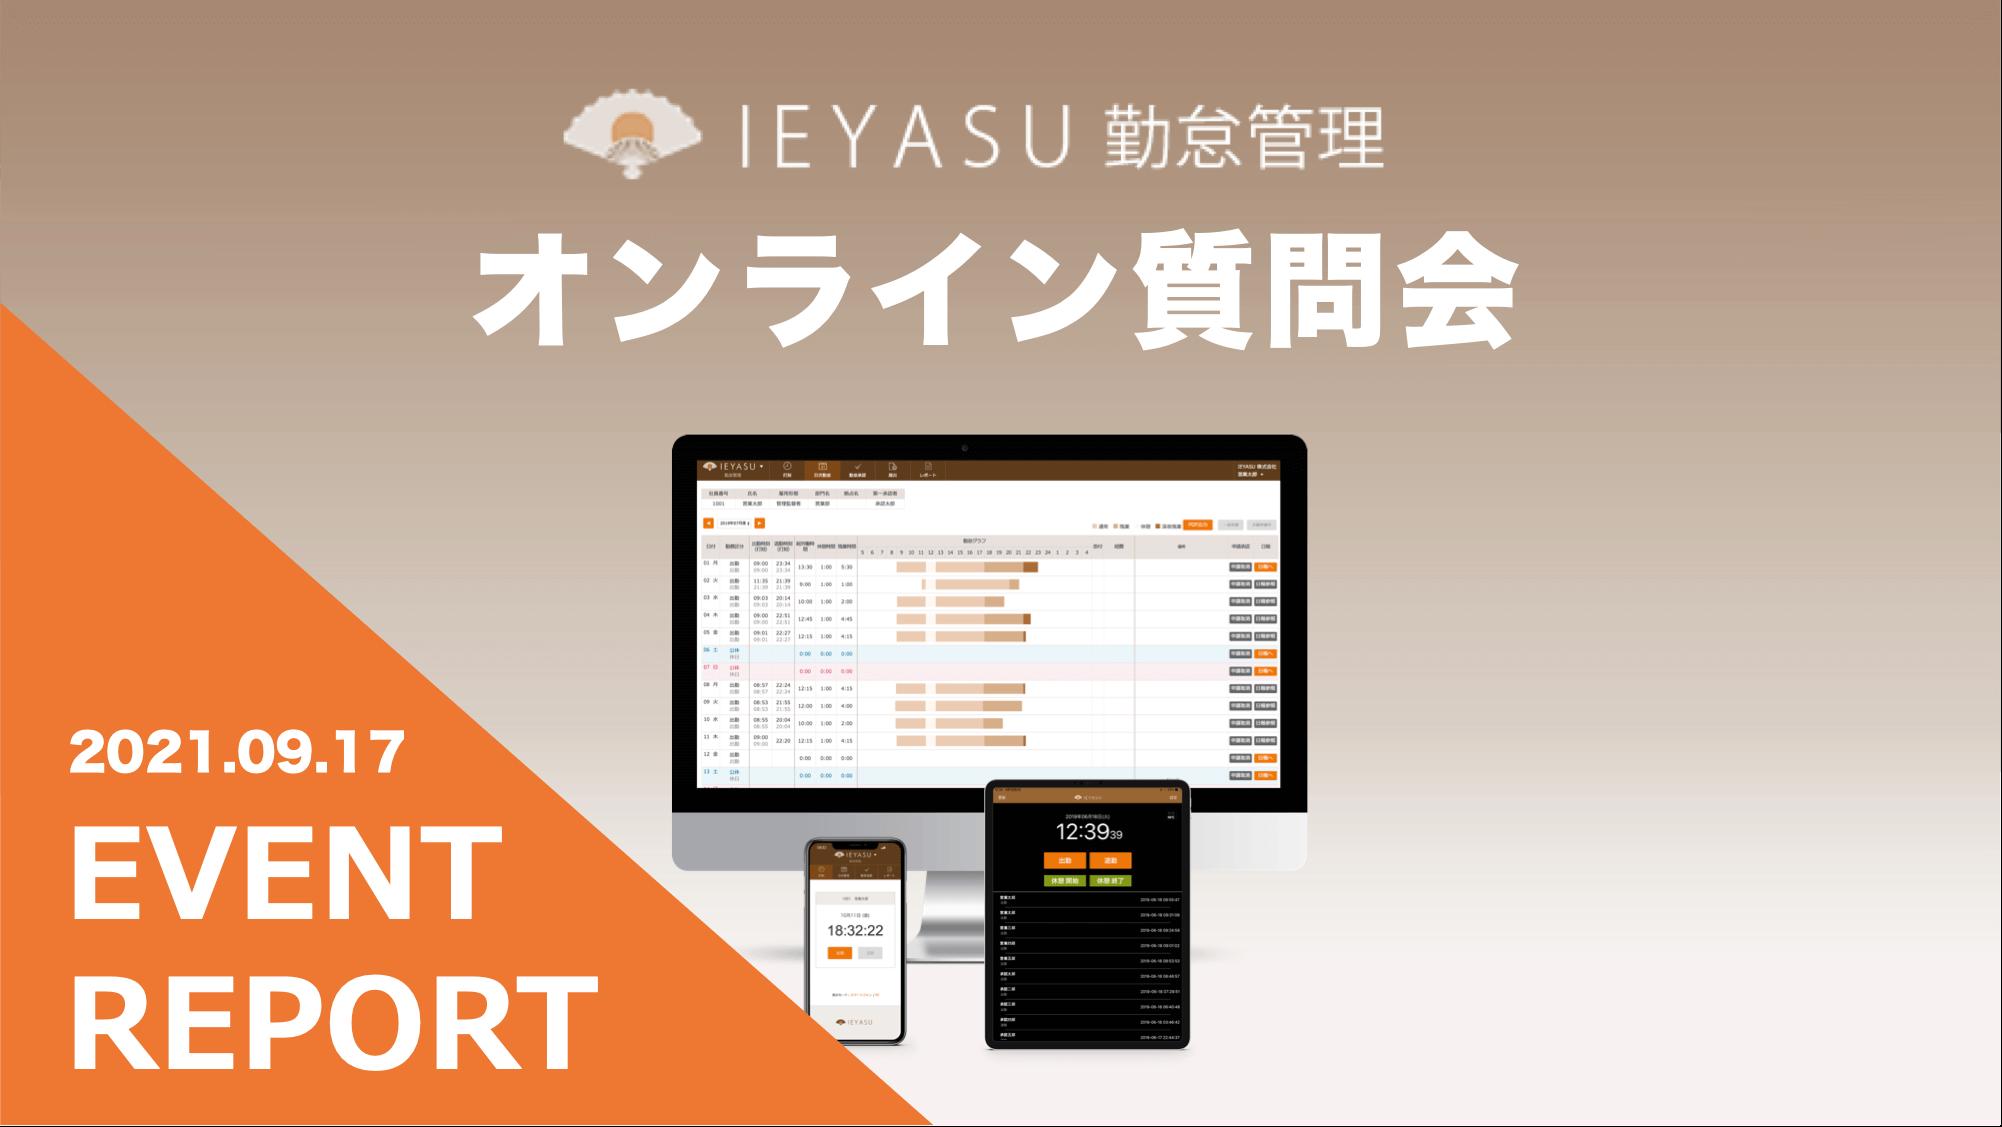 【イベントレポート】無料の勤怠管理システムIEYASU_オンライン質問会|2021年9月10日開催